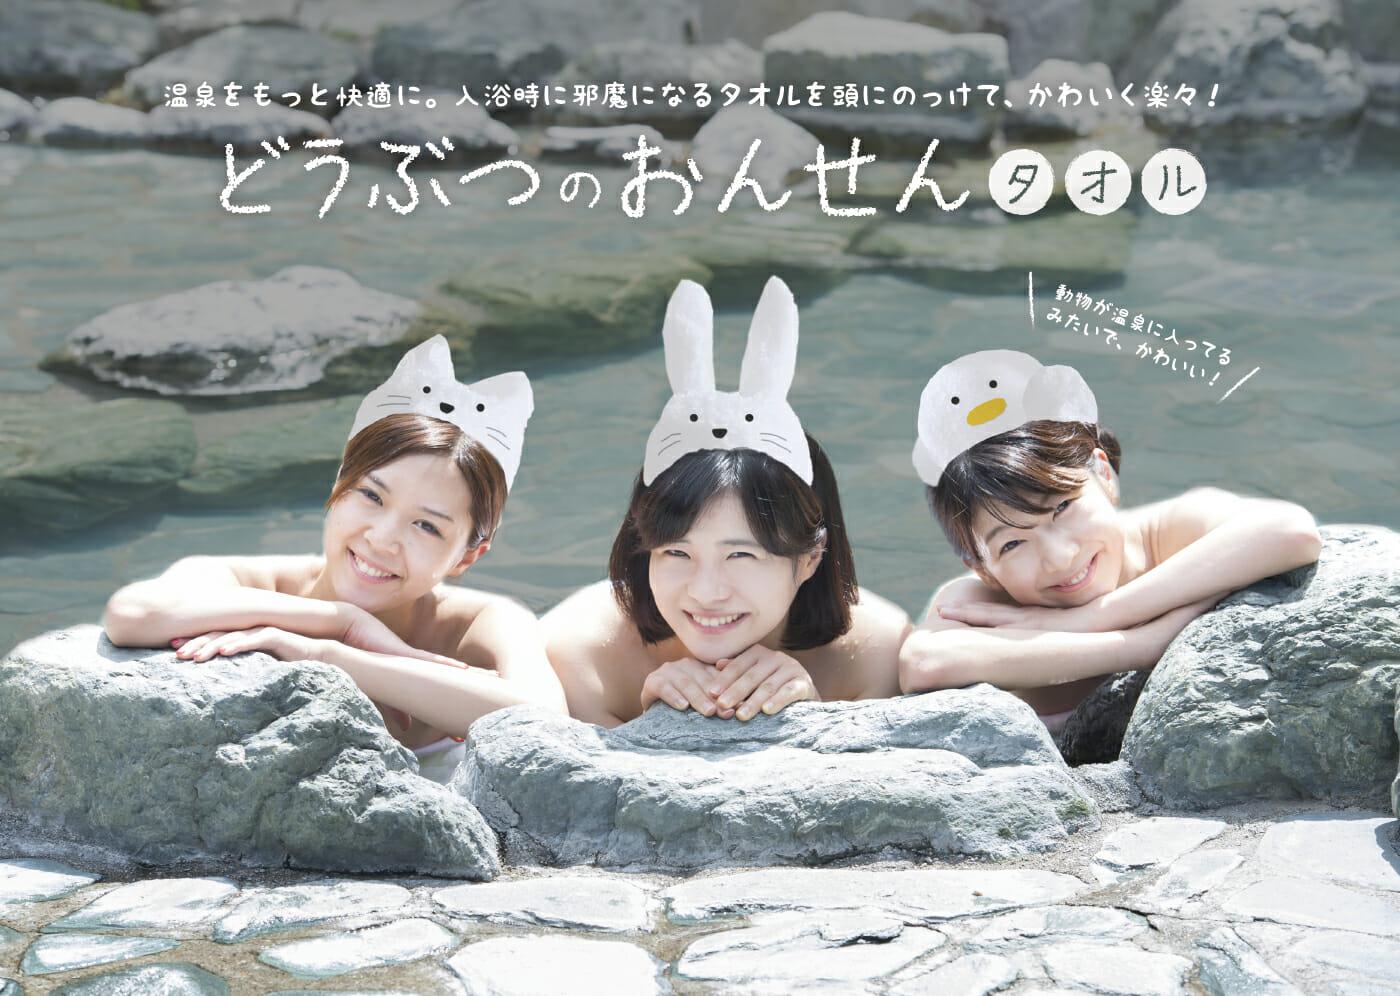 """第4回の受賞作、""""体温調節+かわいい""""新しい入浴体験「どうぶつ温泉タオル」(kayoooshi)"""